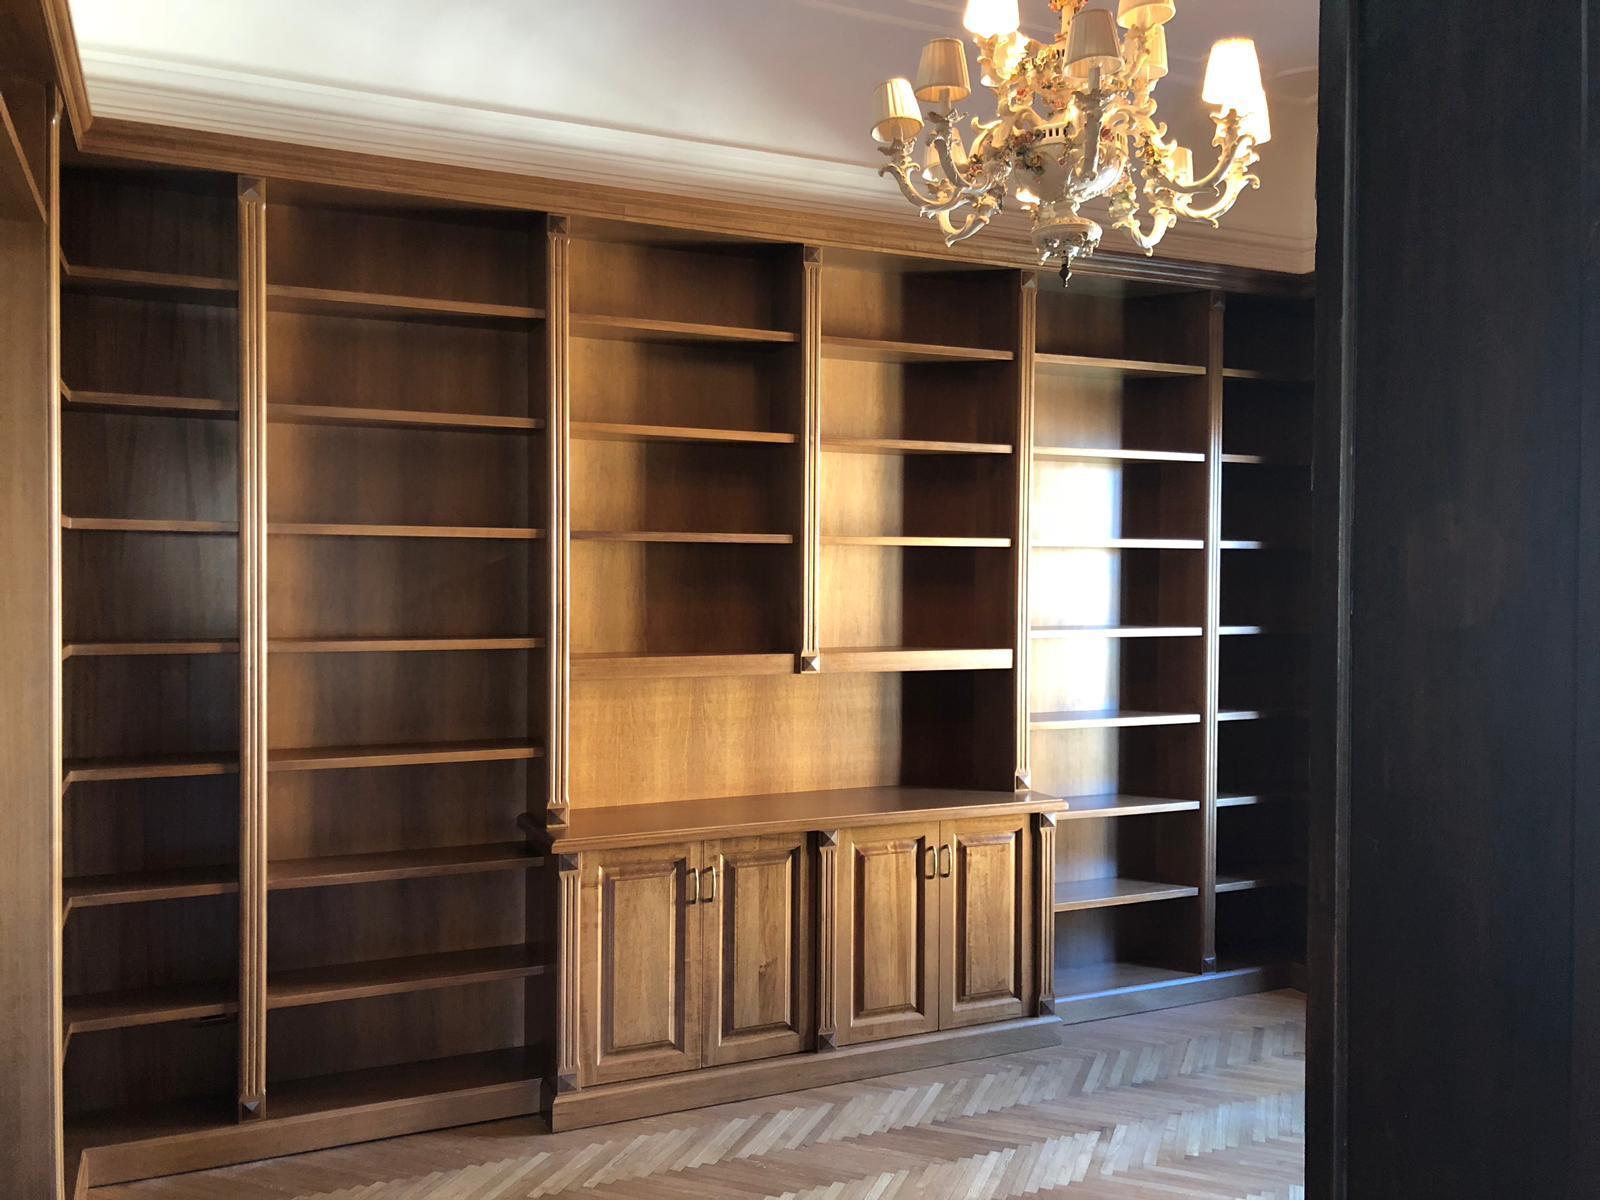 Librerie A Muro Su Misura.Librerie A Muro In Legno Archivi Librerie Su Misura Roma